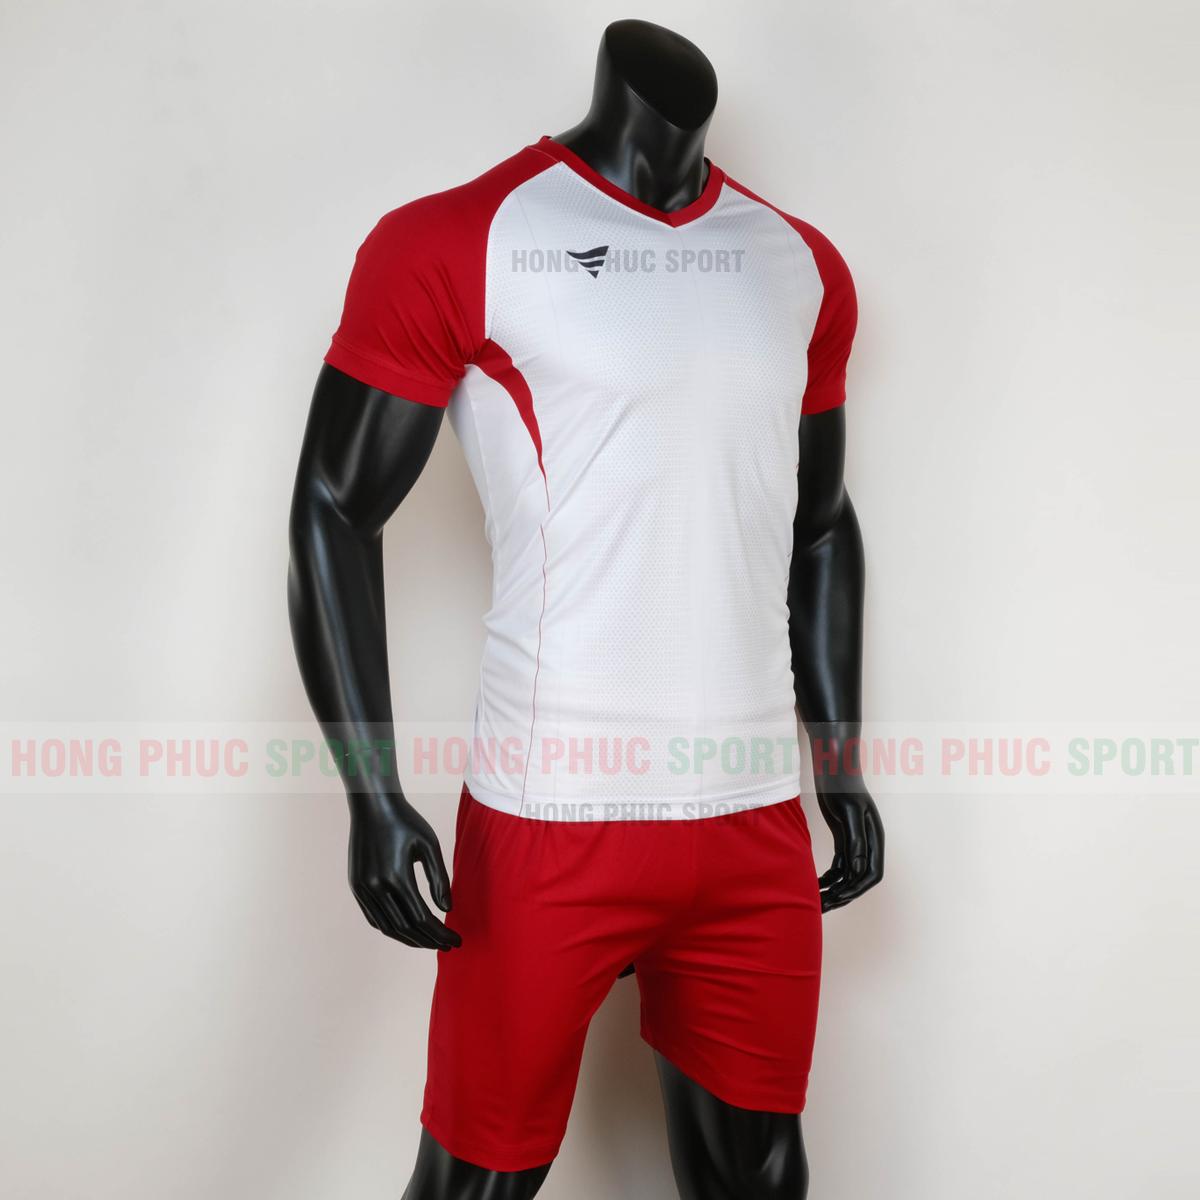 https://cdn.hongphucsport.com/unsafe/cdn.hongphucsport.com/dothethao.net.vn/wp-content/uploads/2020/01/ao-bong-da-khong-logo-winroad-2020-do-trang-5.png